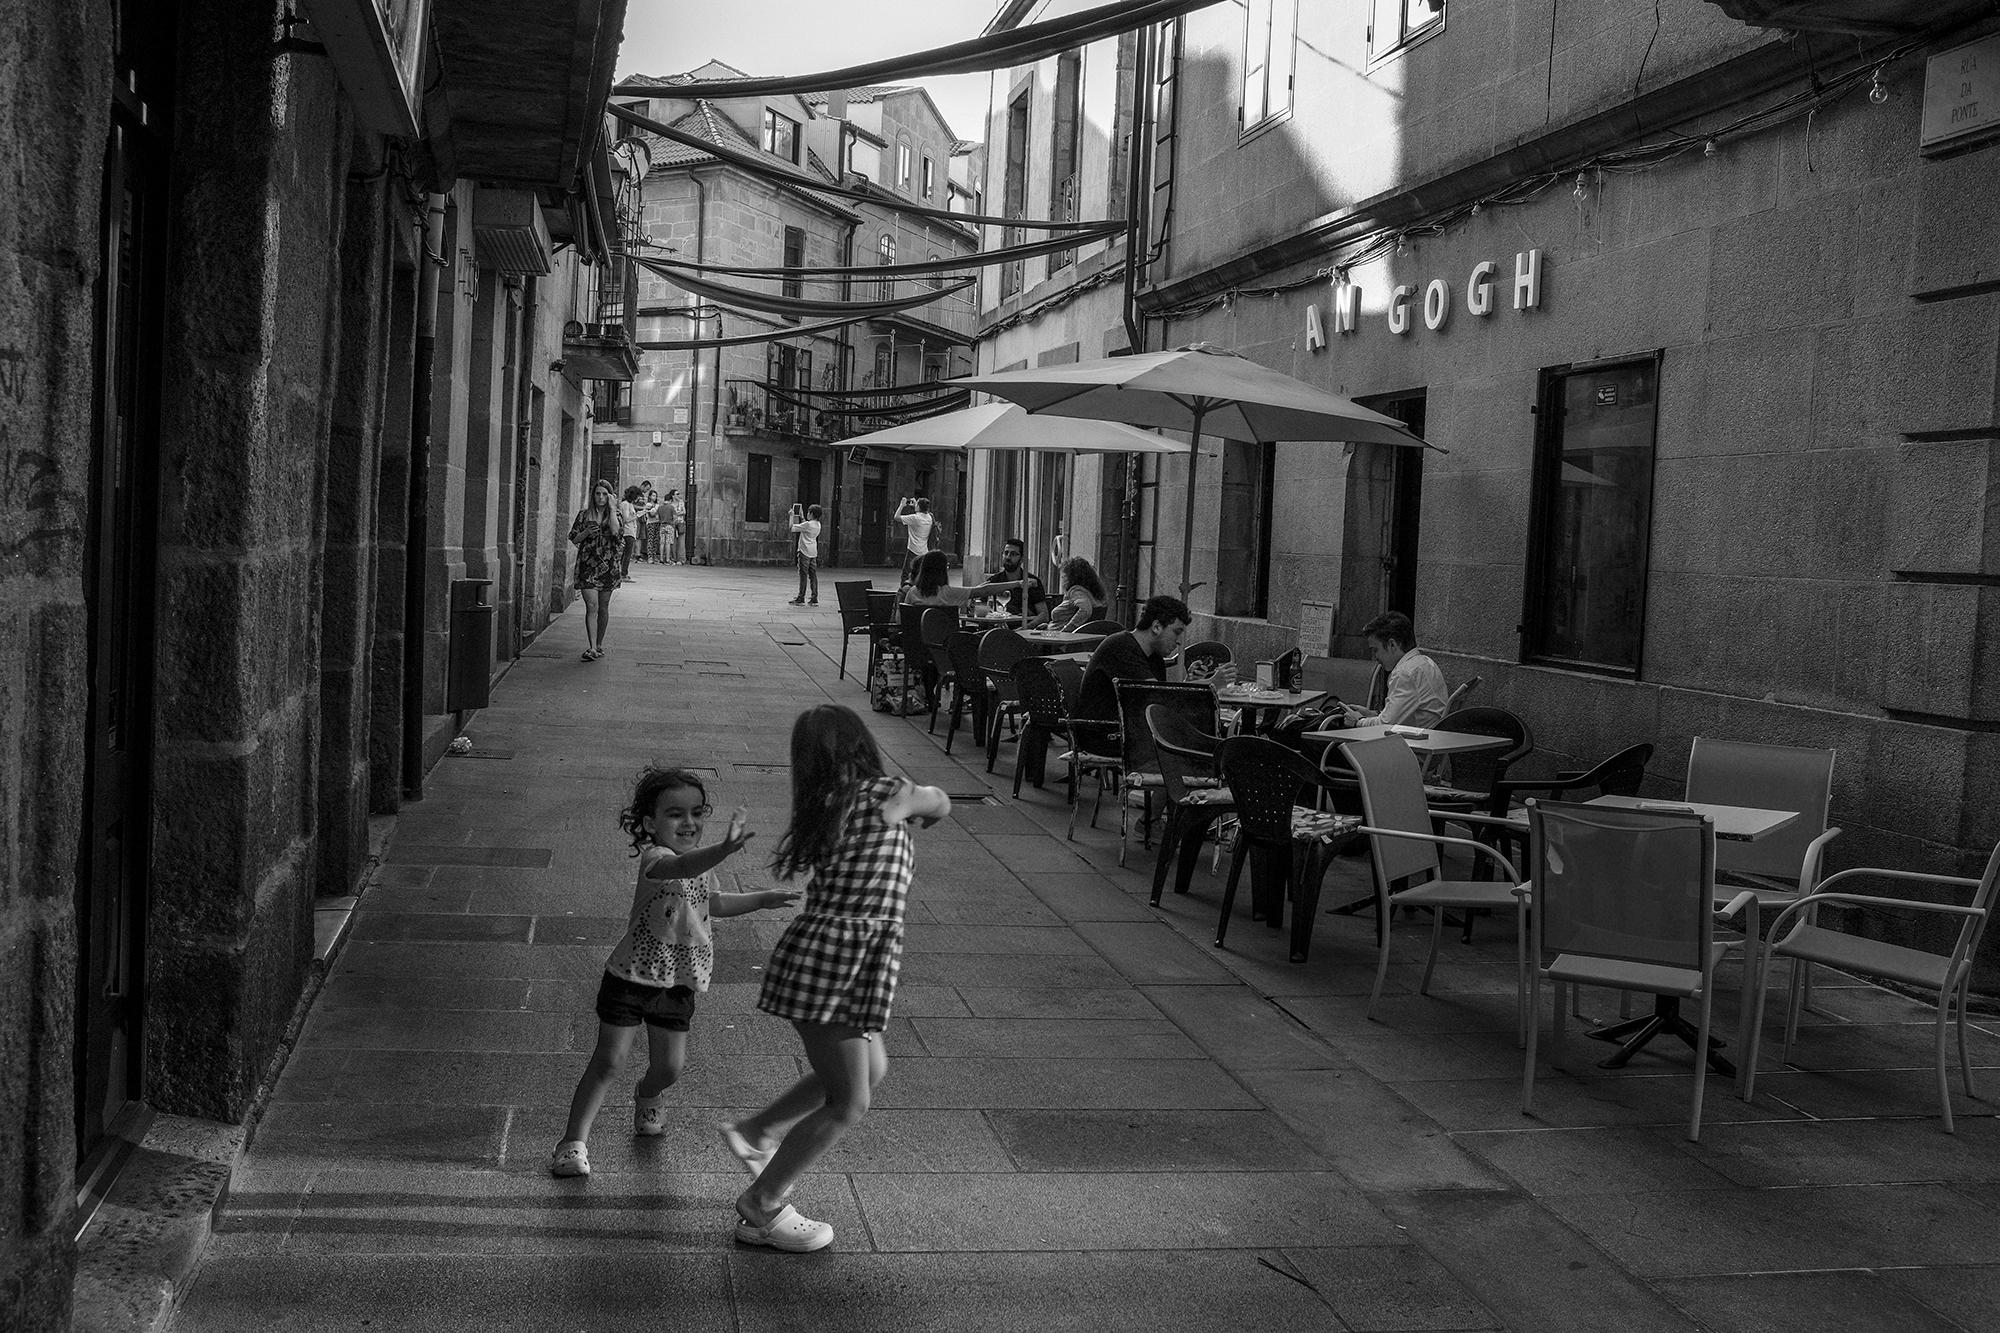 © Rodrigo Cabral Pontevedra 2018